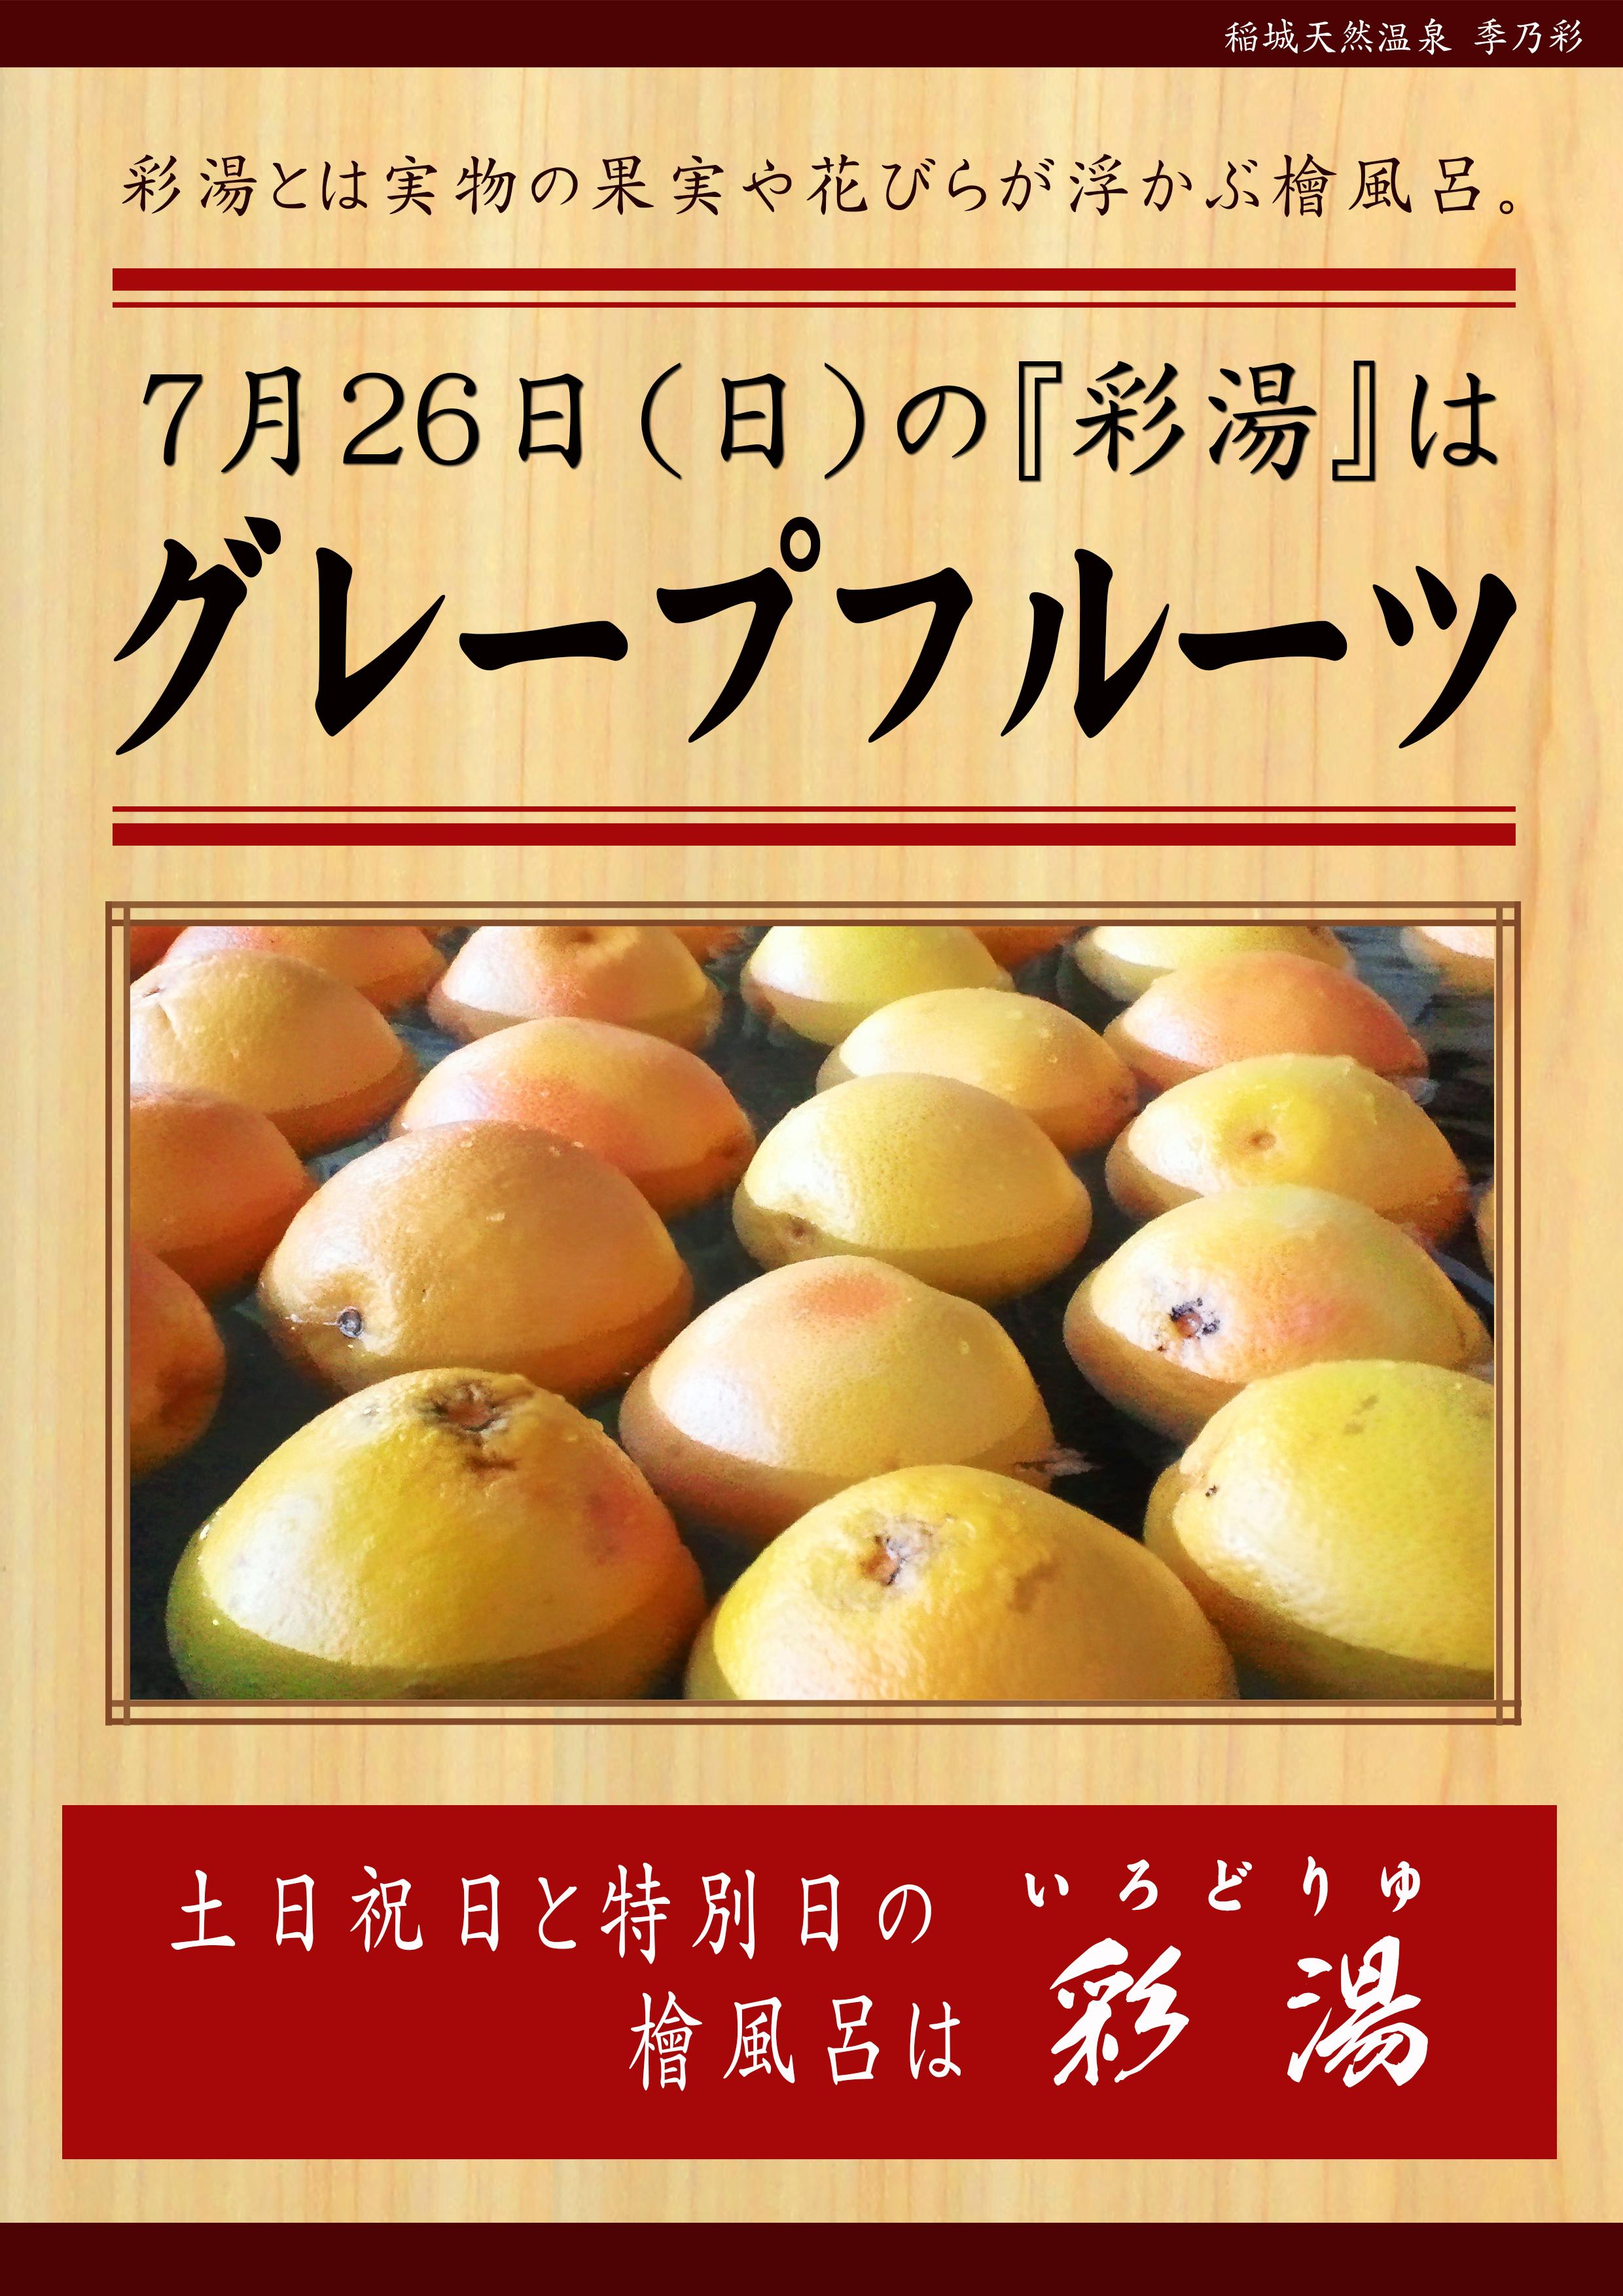 200726 POP イベント 彩湯 グレープフルーツ